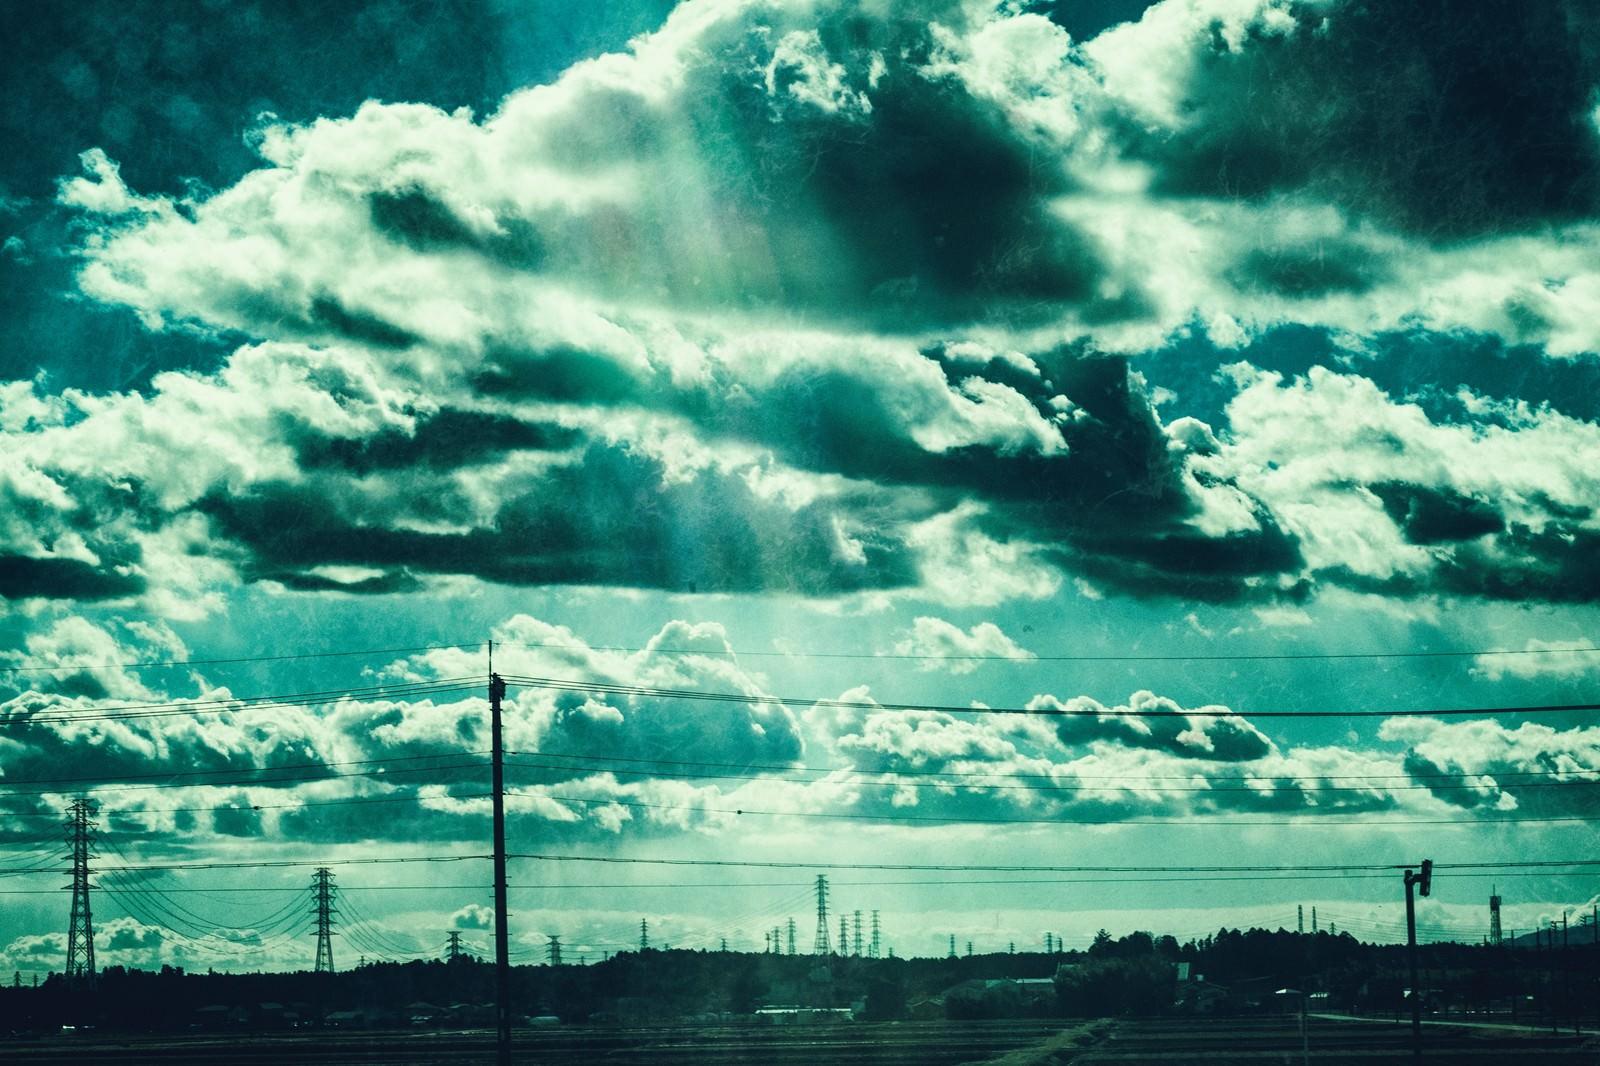 「送電線が立ち並ぶ田舎の情景送電線が立ち並ぶ田舎の情景」のフリー写真素材を拡大